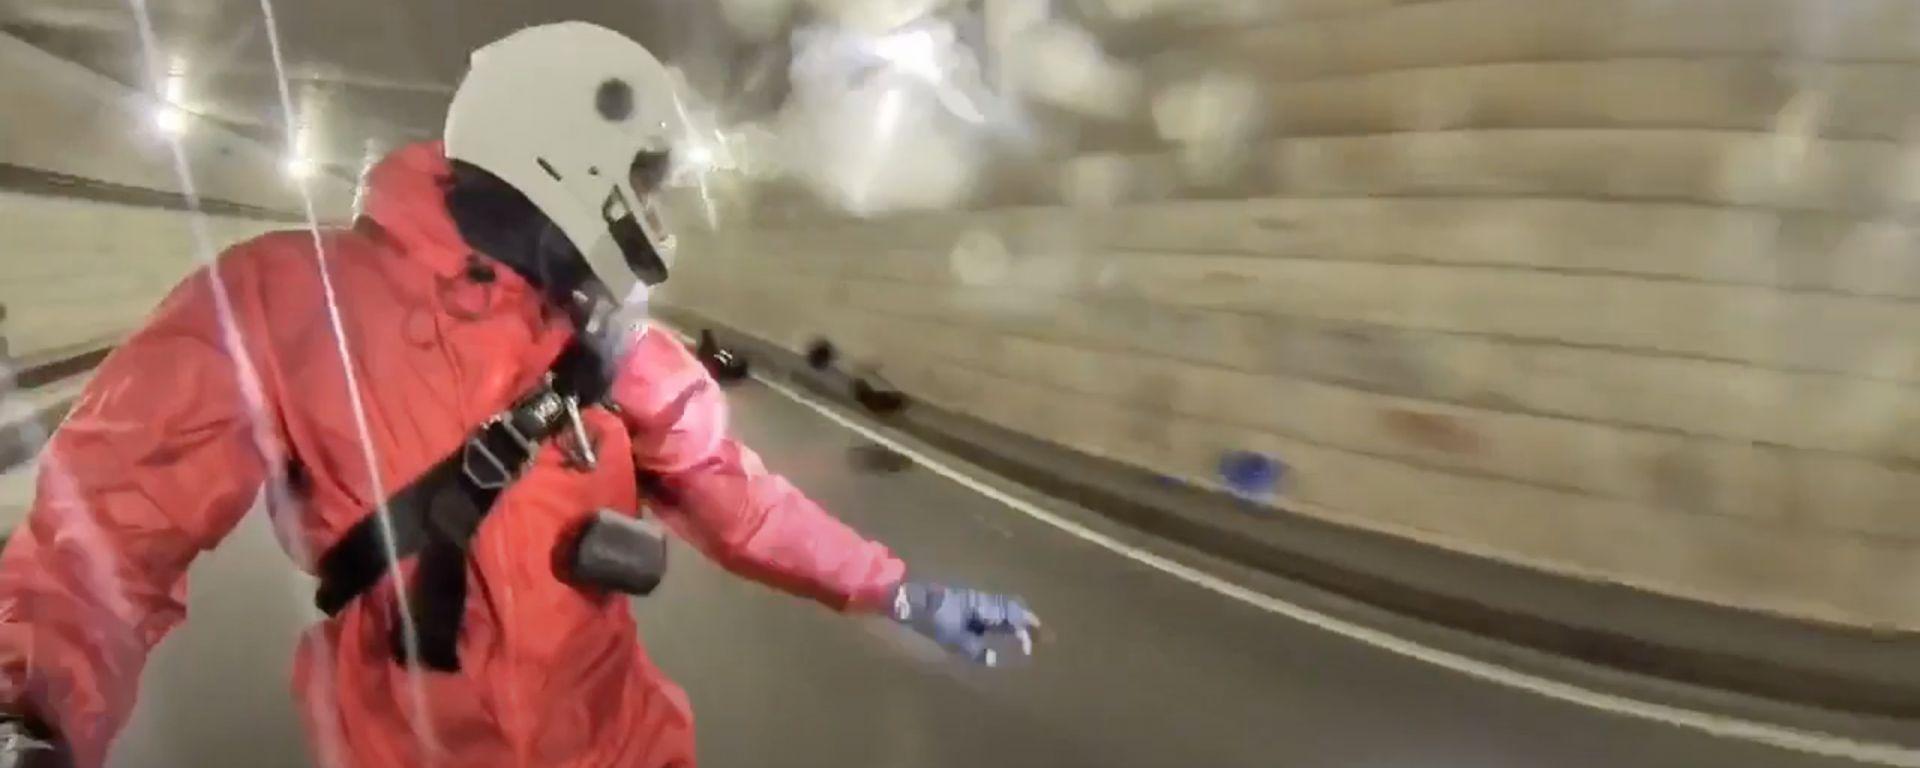 Video: monoruota elettrico a 65 km/h in galleria, non finisce bene